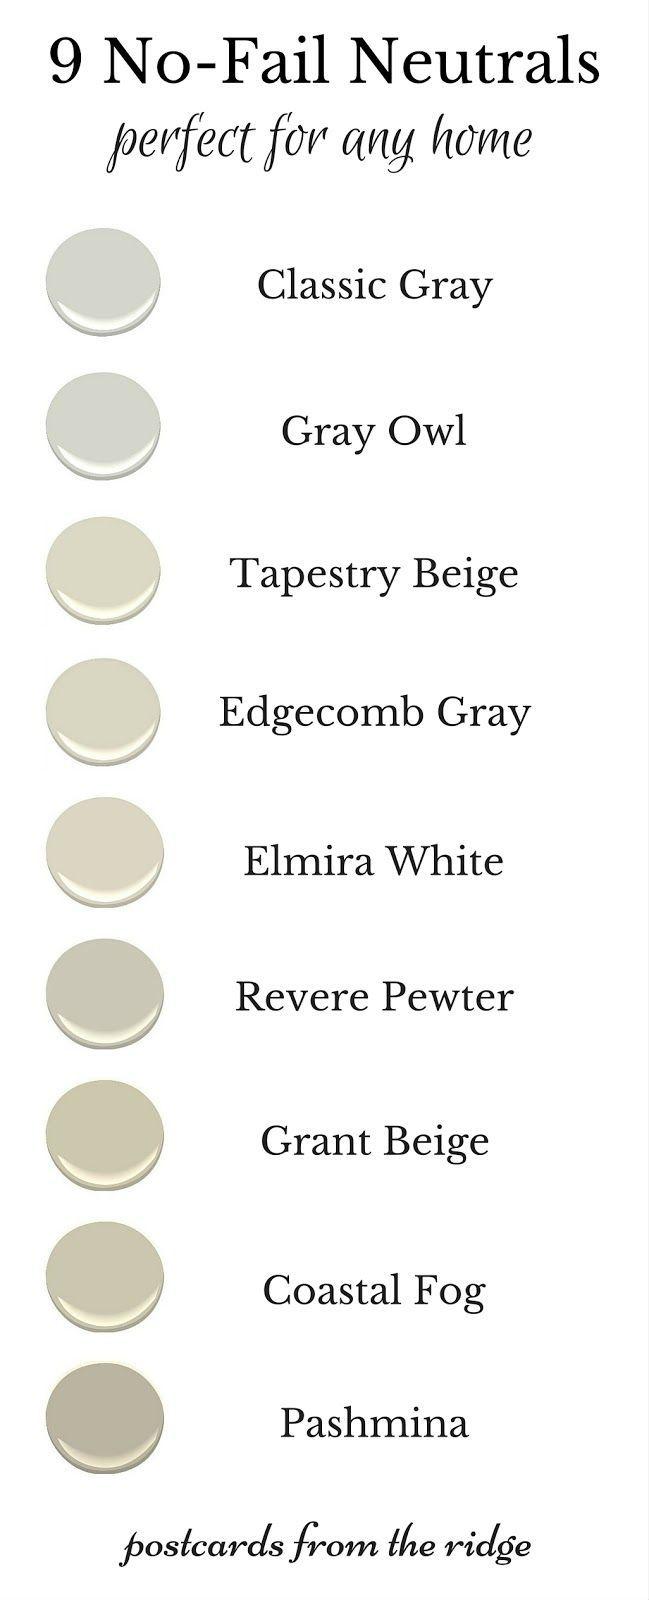 9 No-Fail Neutral Paint Colors | Neutral paint colors, Neutral paint ...